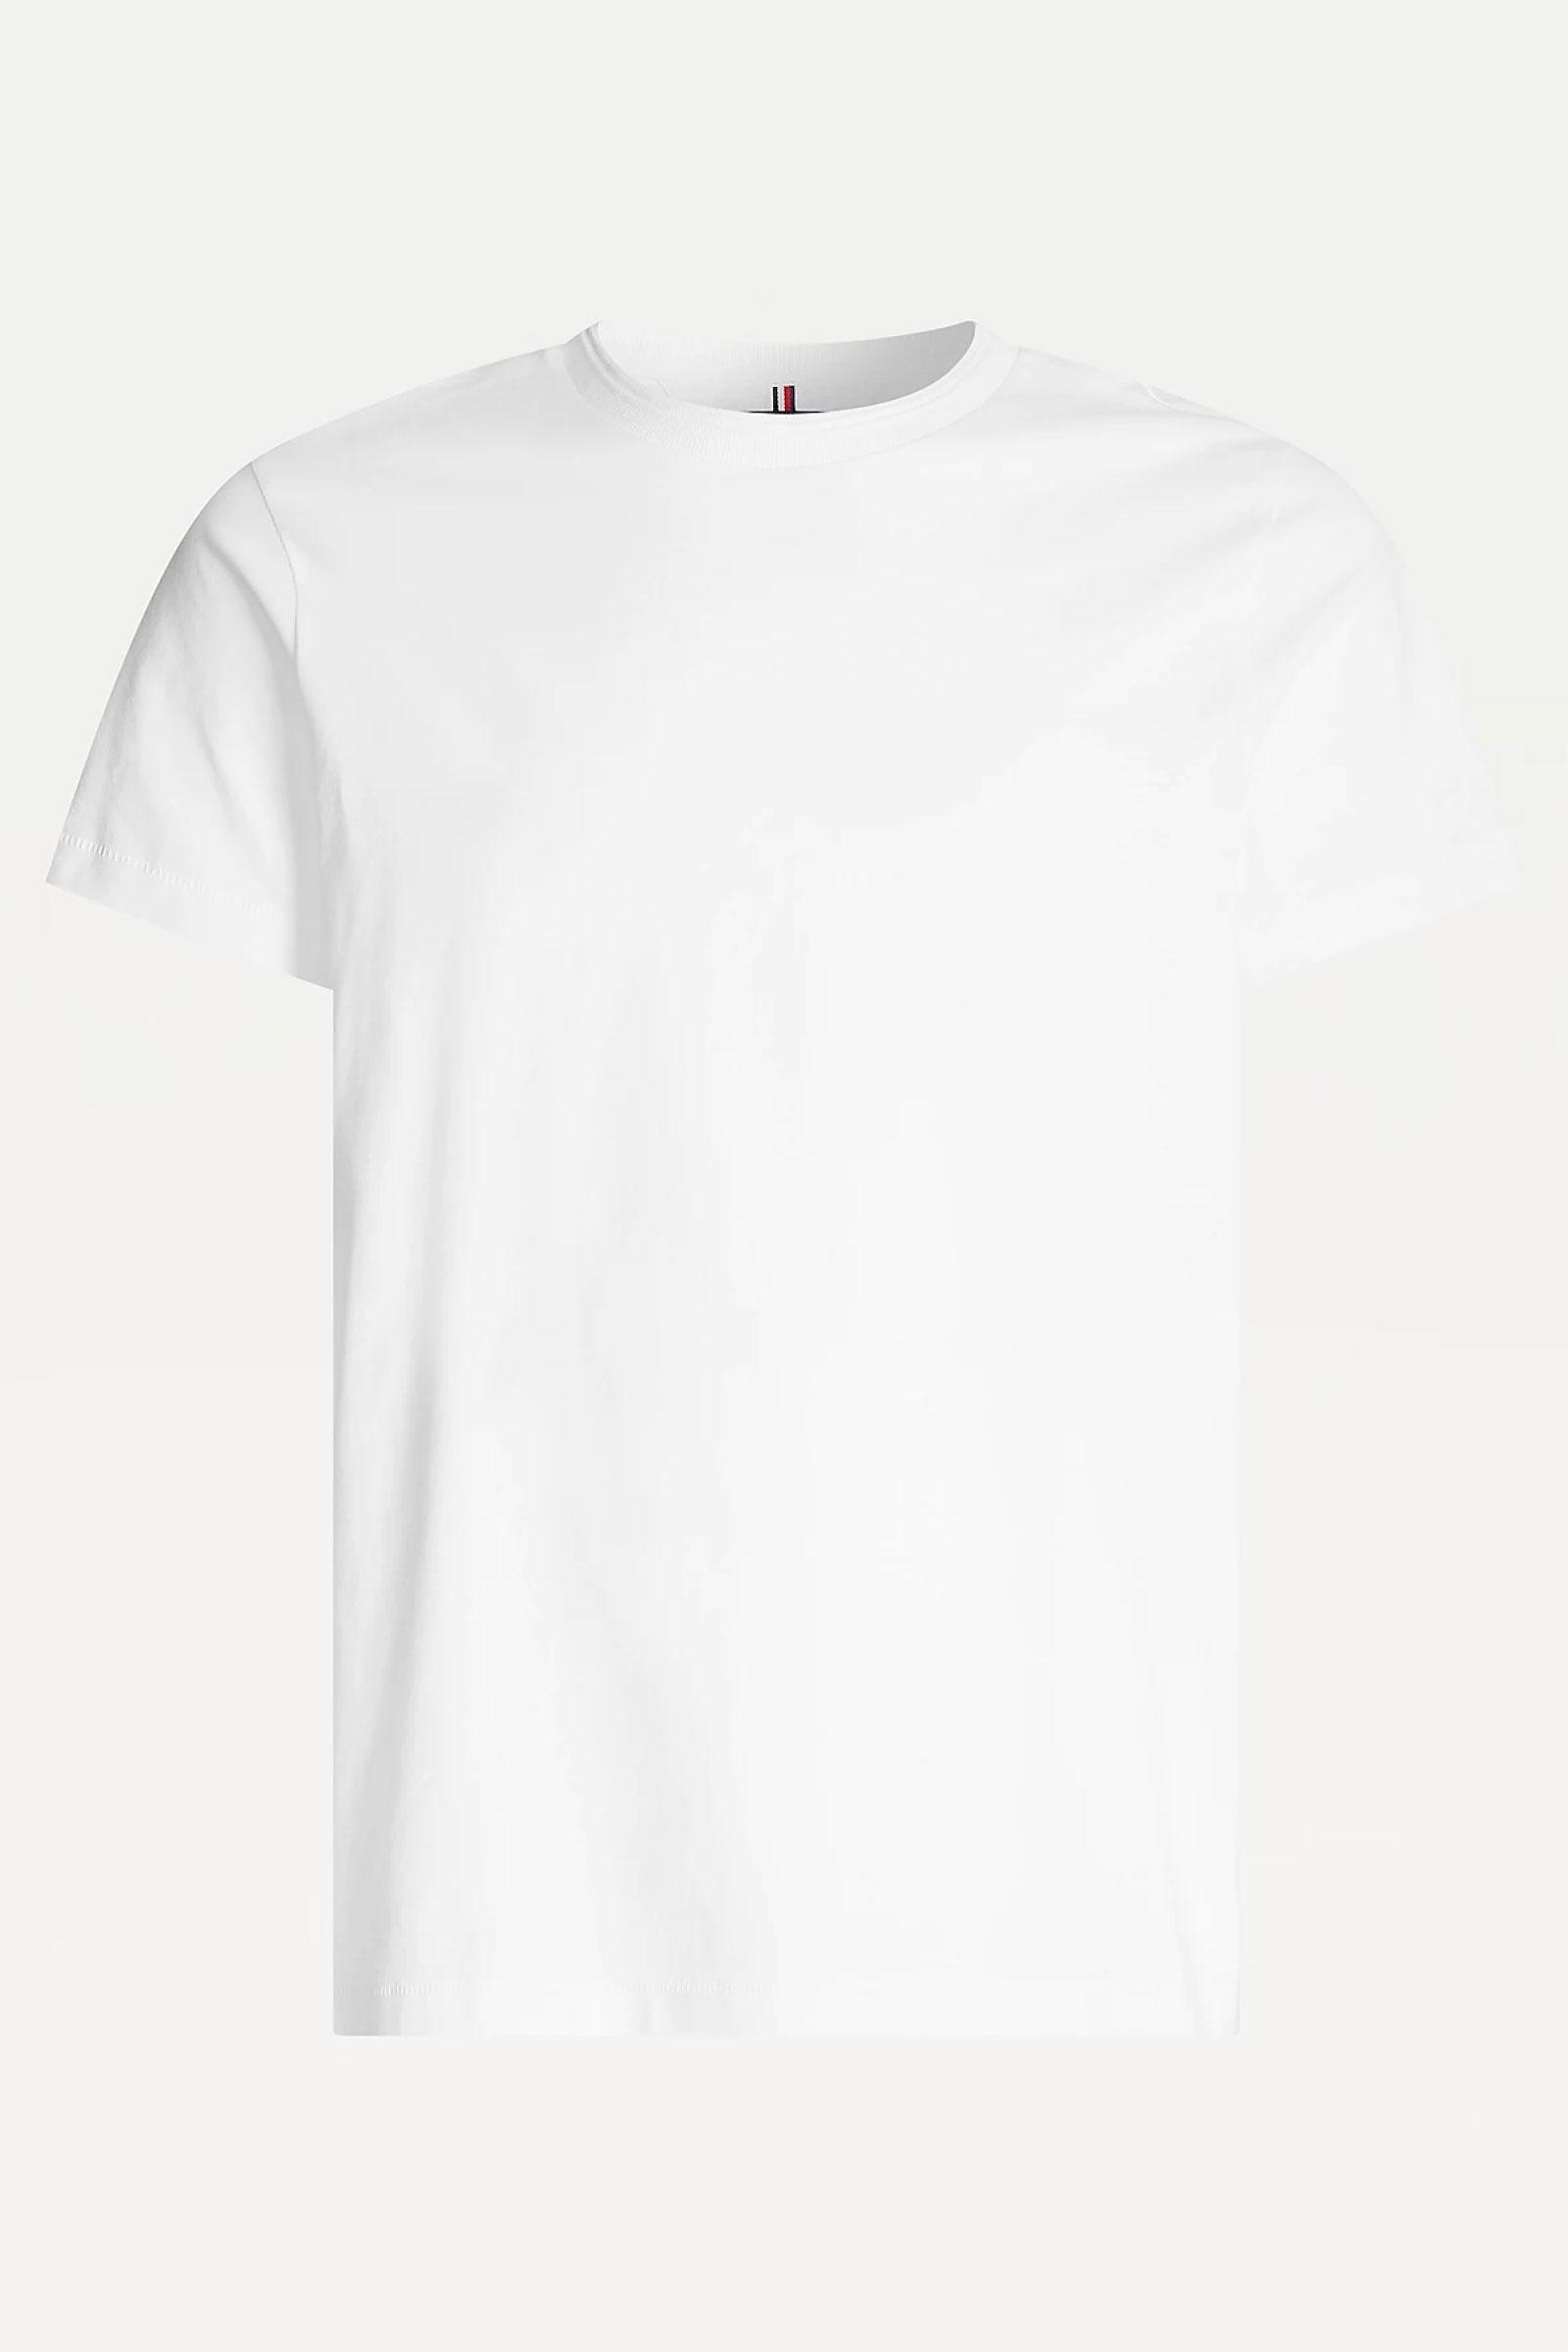 TOMMY HILFIGER Top Uomo TOMMY HILFIGER   T-Shirt   MW0MW17672YBR